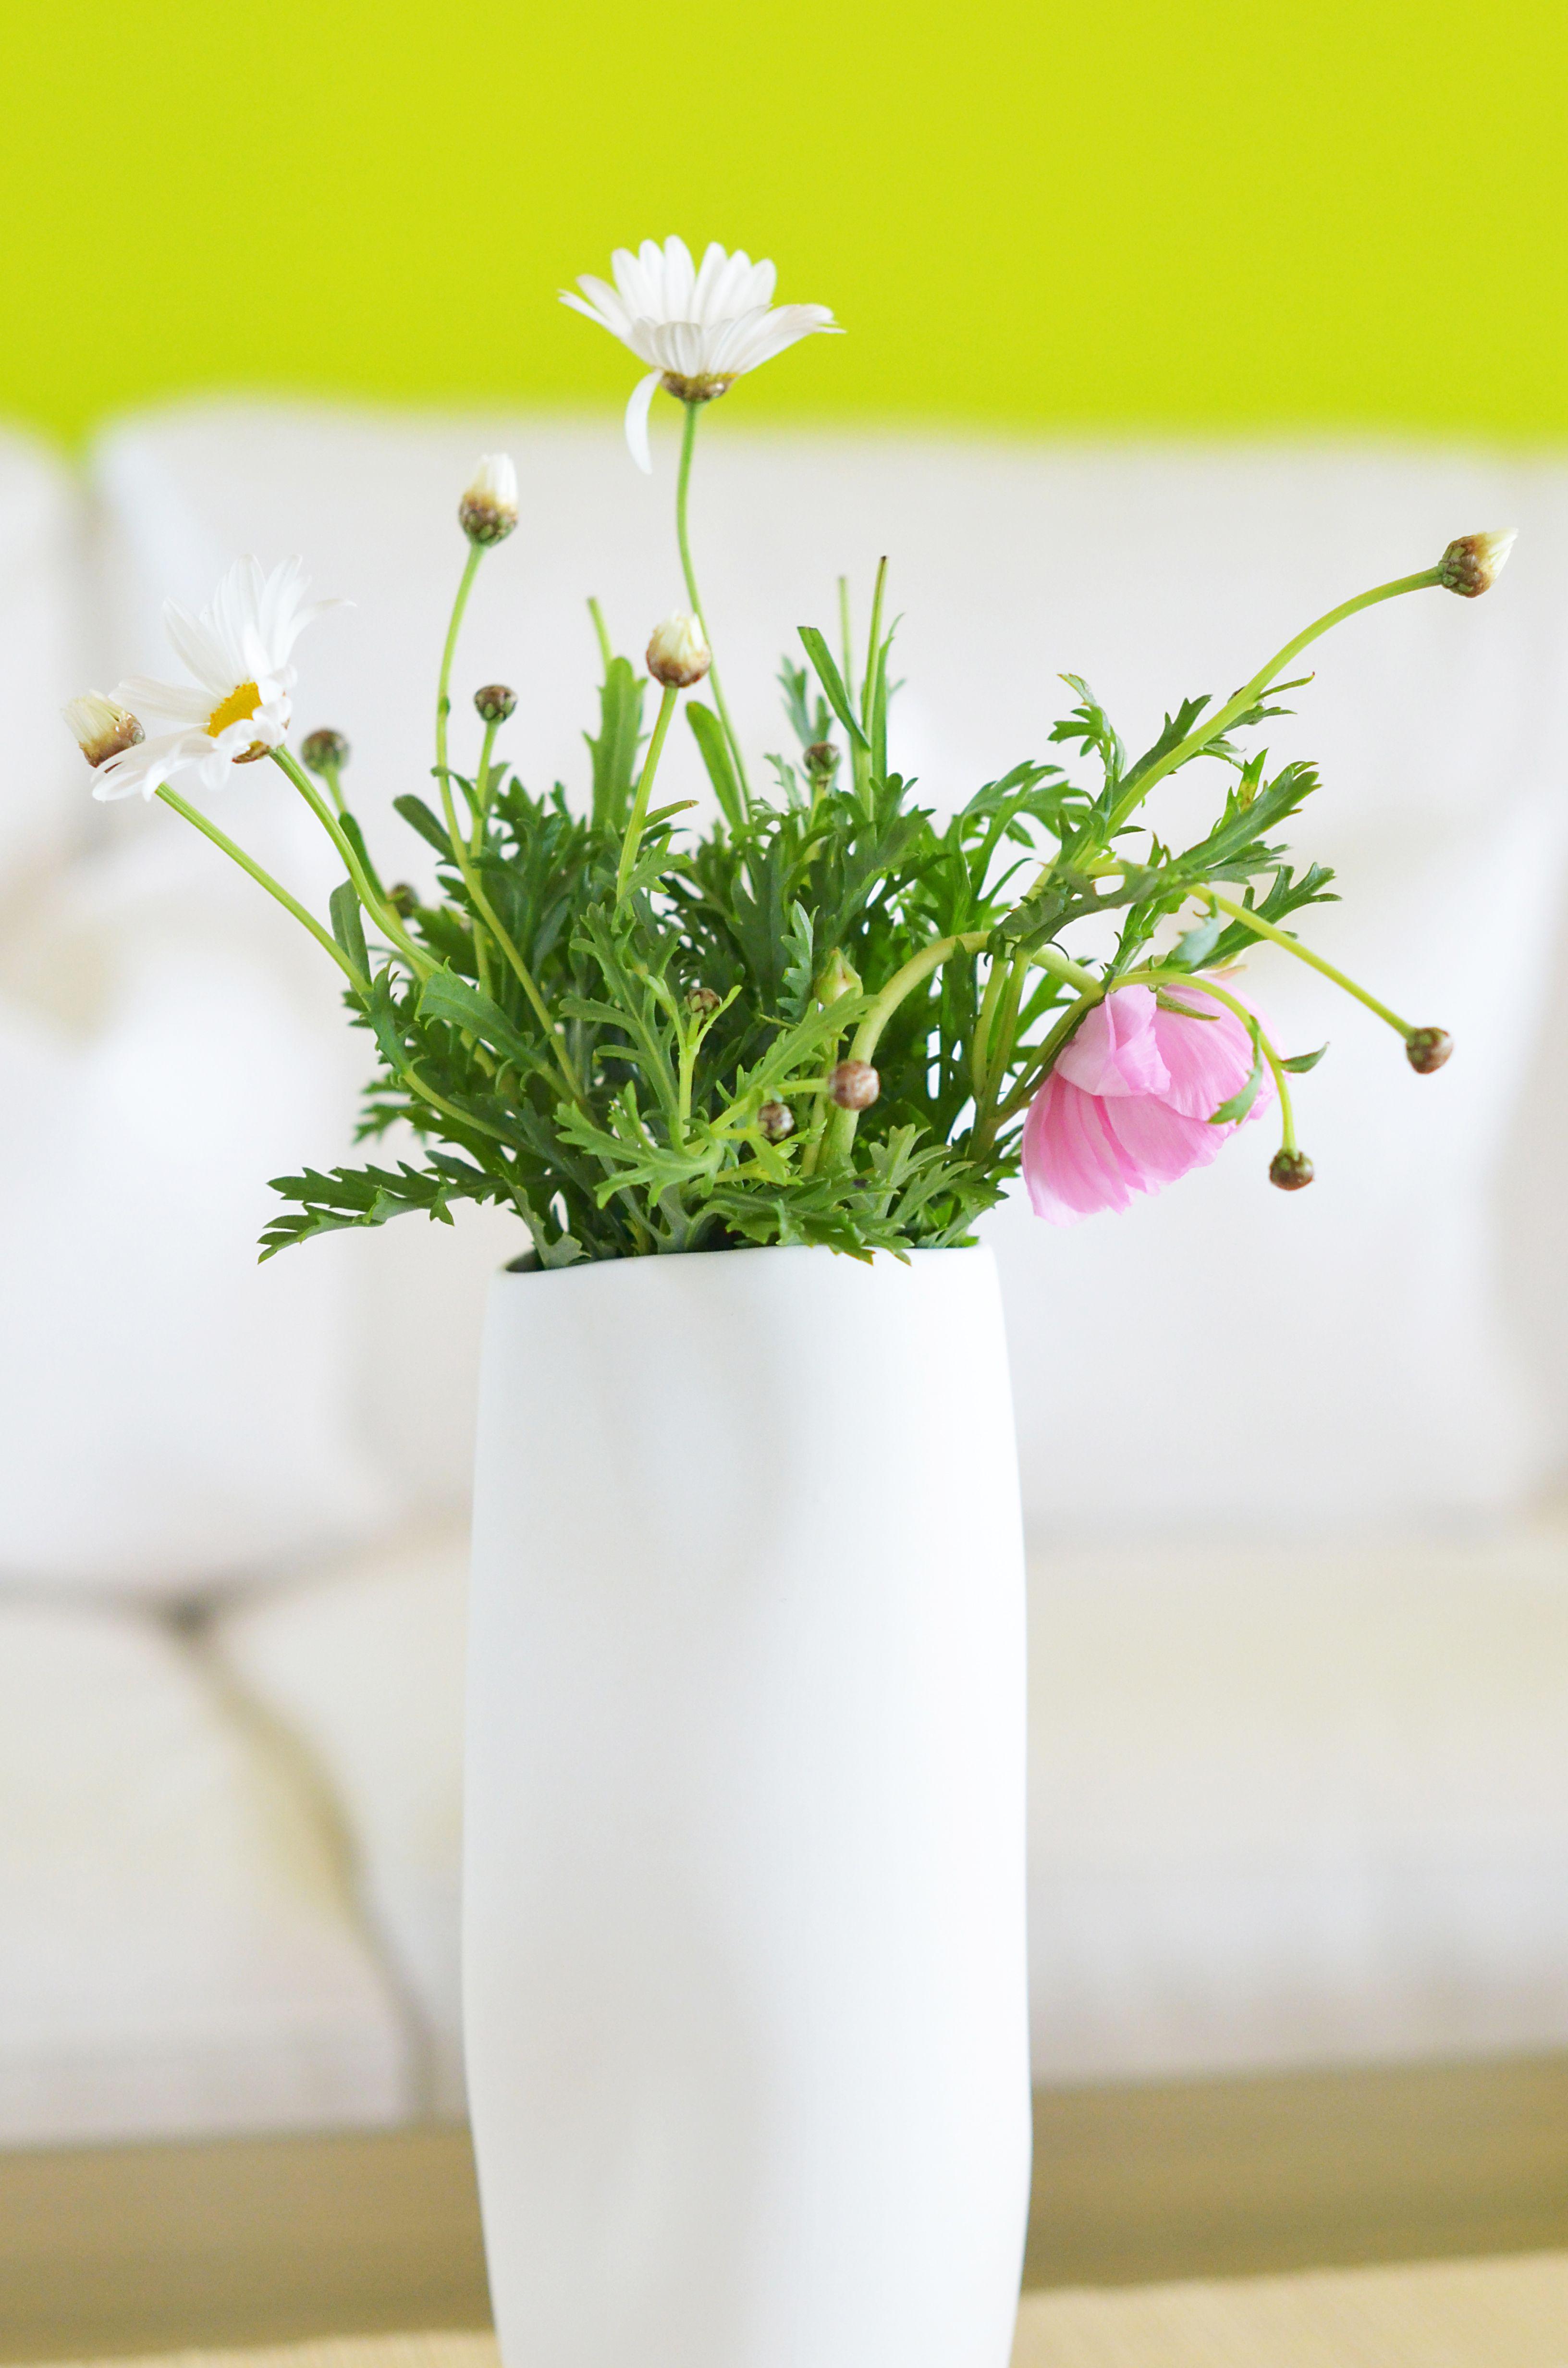 WIESOeigentlichnicht: Blumenstrauß